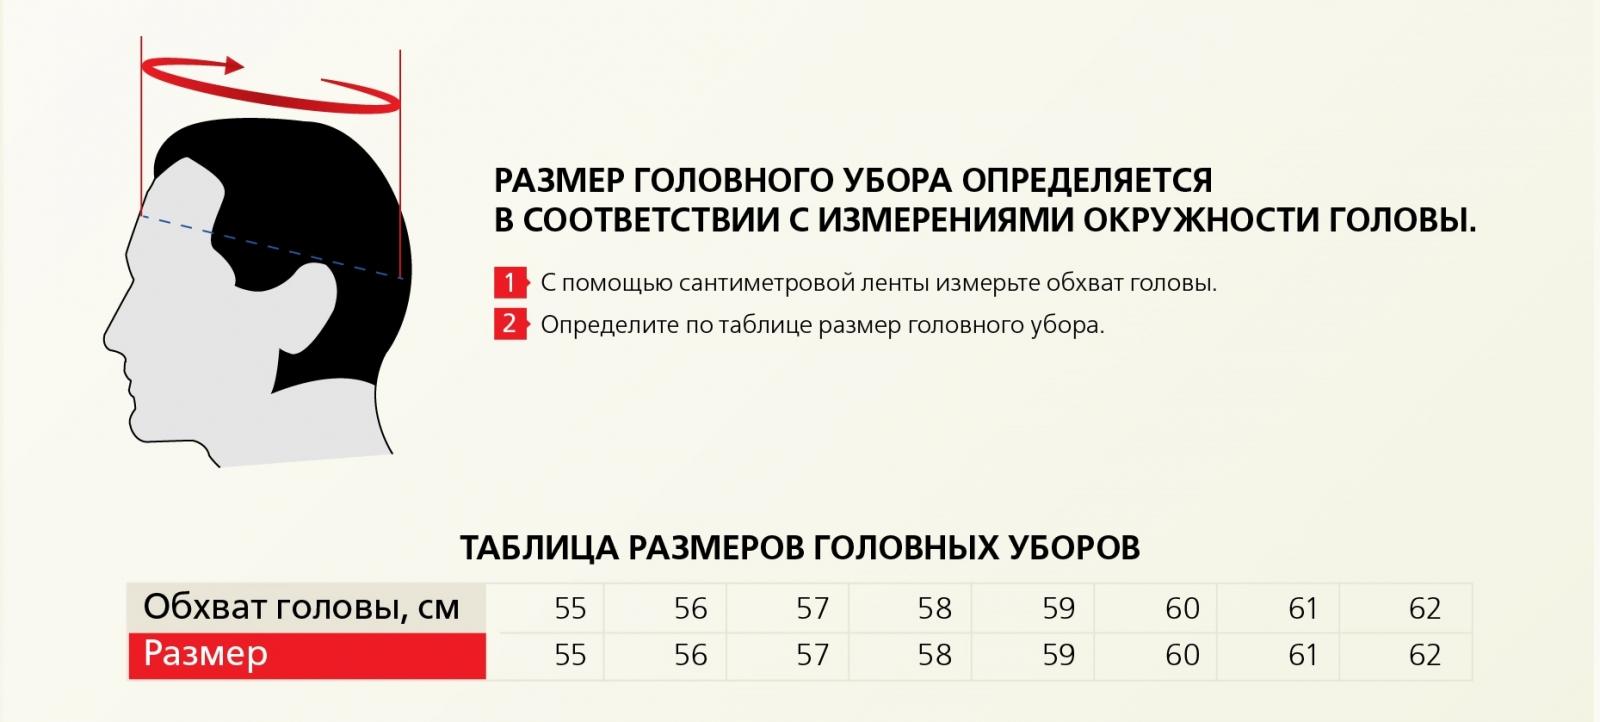 Утеплённая кепка Miller Way: функциональный козырек, мужской цвет и нашивка символ ВМФ России – Андреевский флаг. Осенне-зимняя модель УЖЕ В НАЛИЧИИ